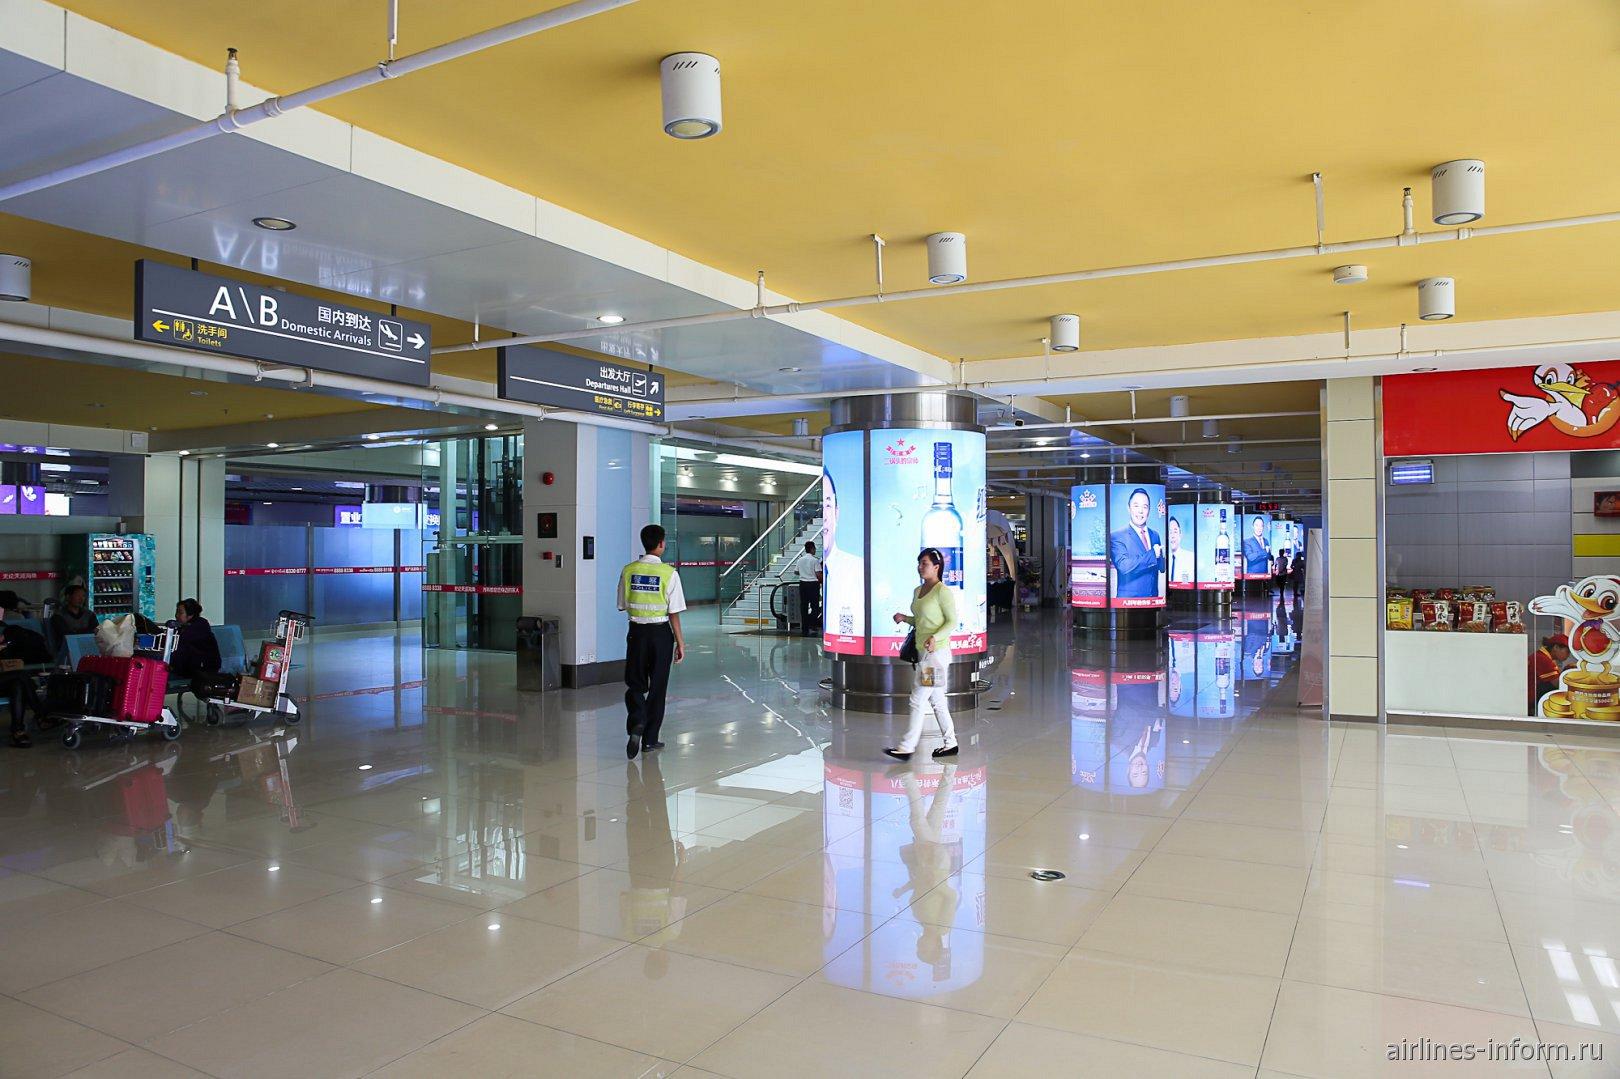 Зона прилета в терминале внутренних линий аэропорта Санья Феникс